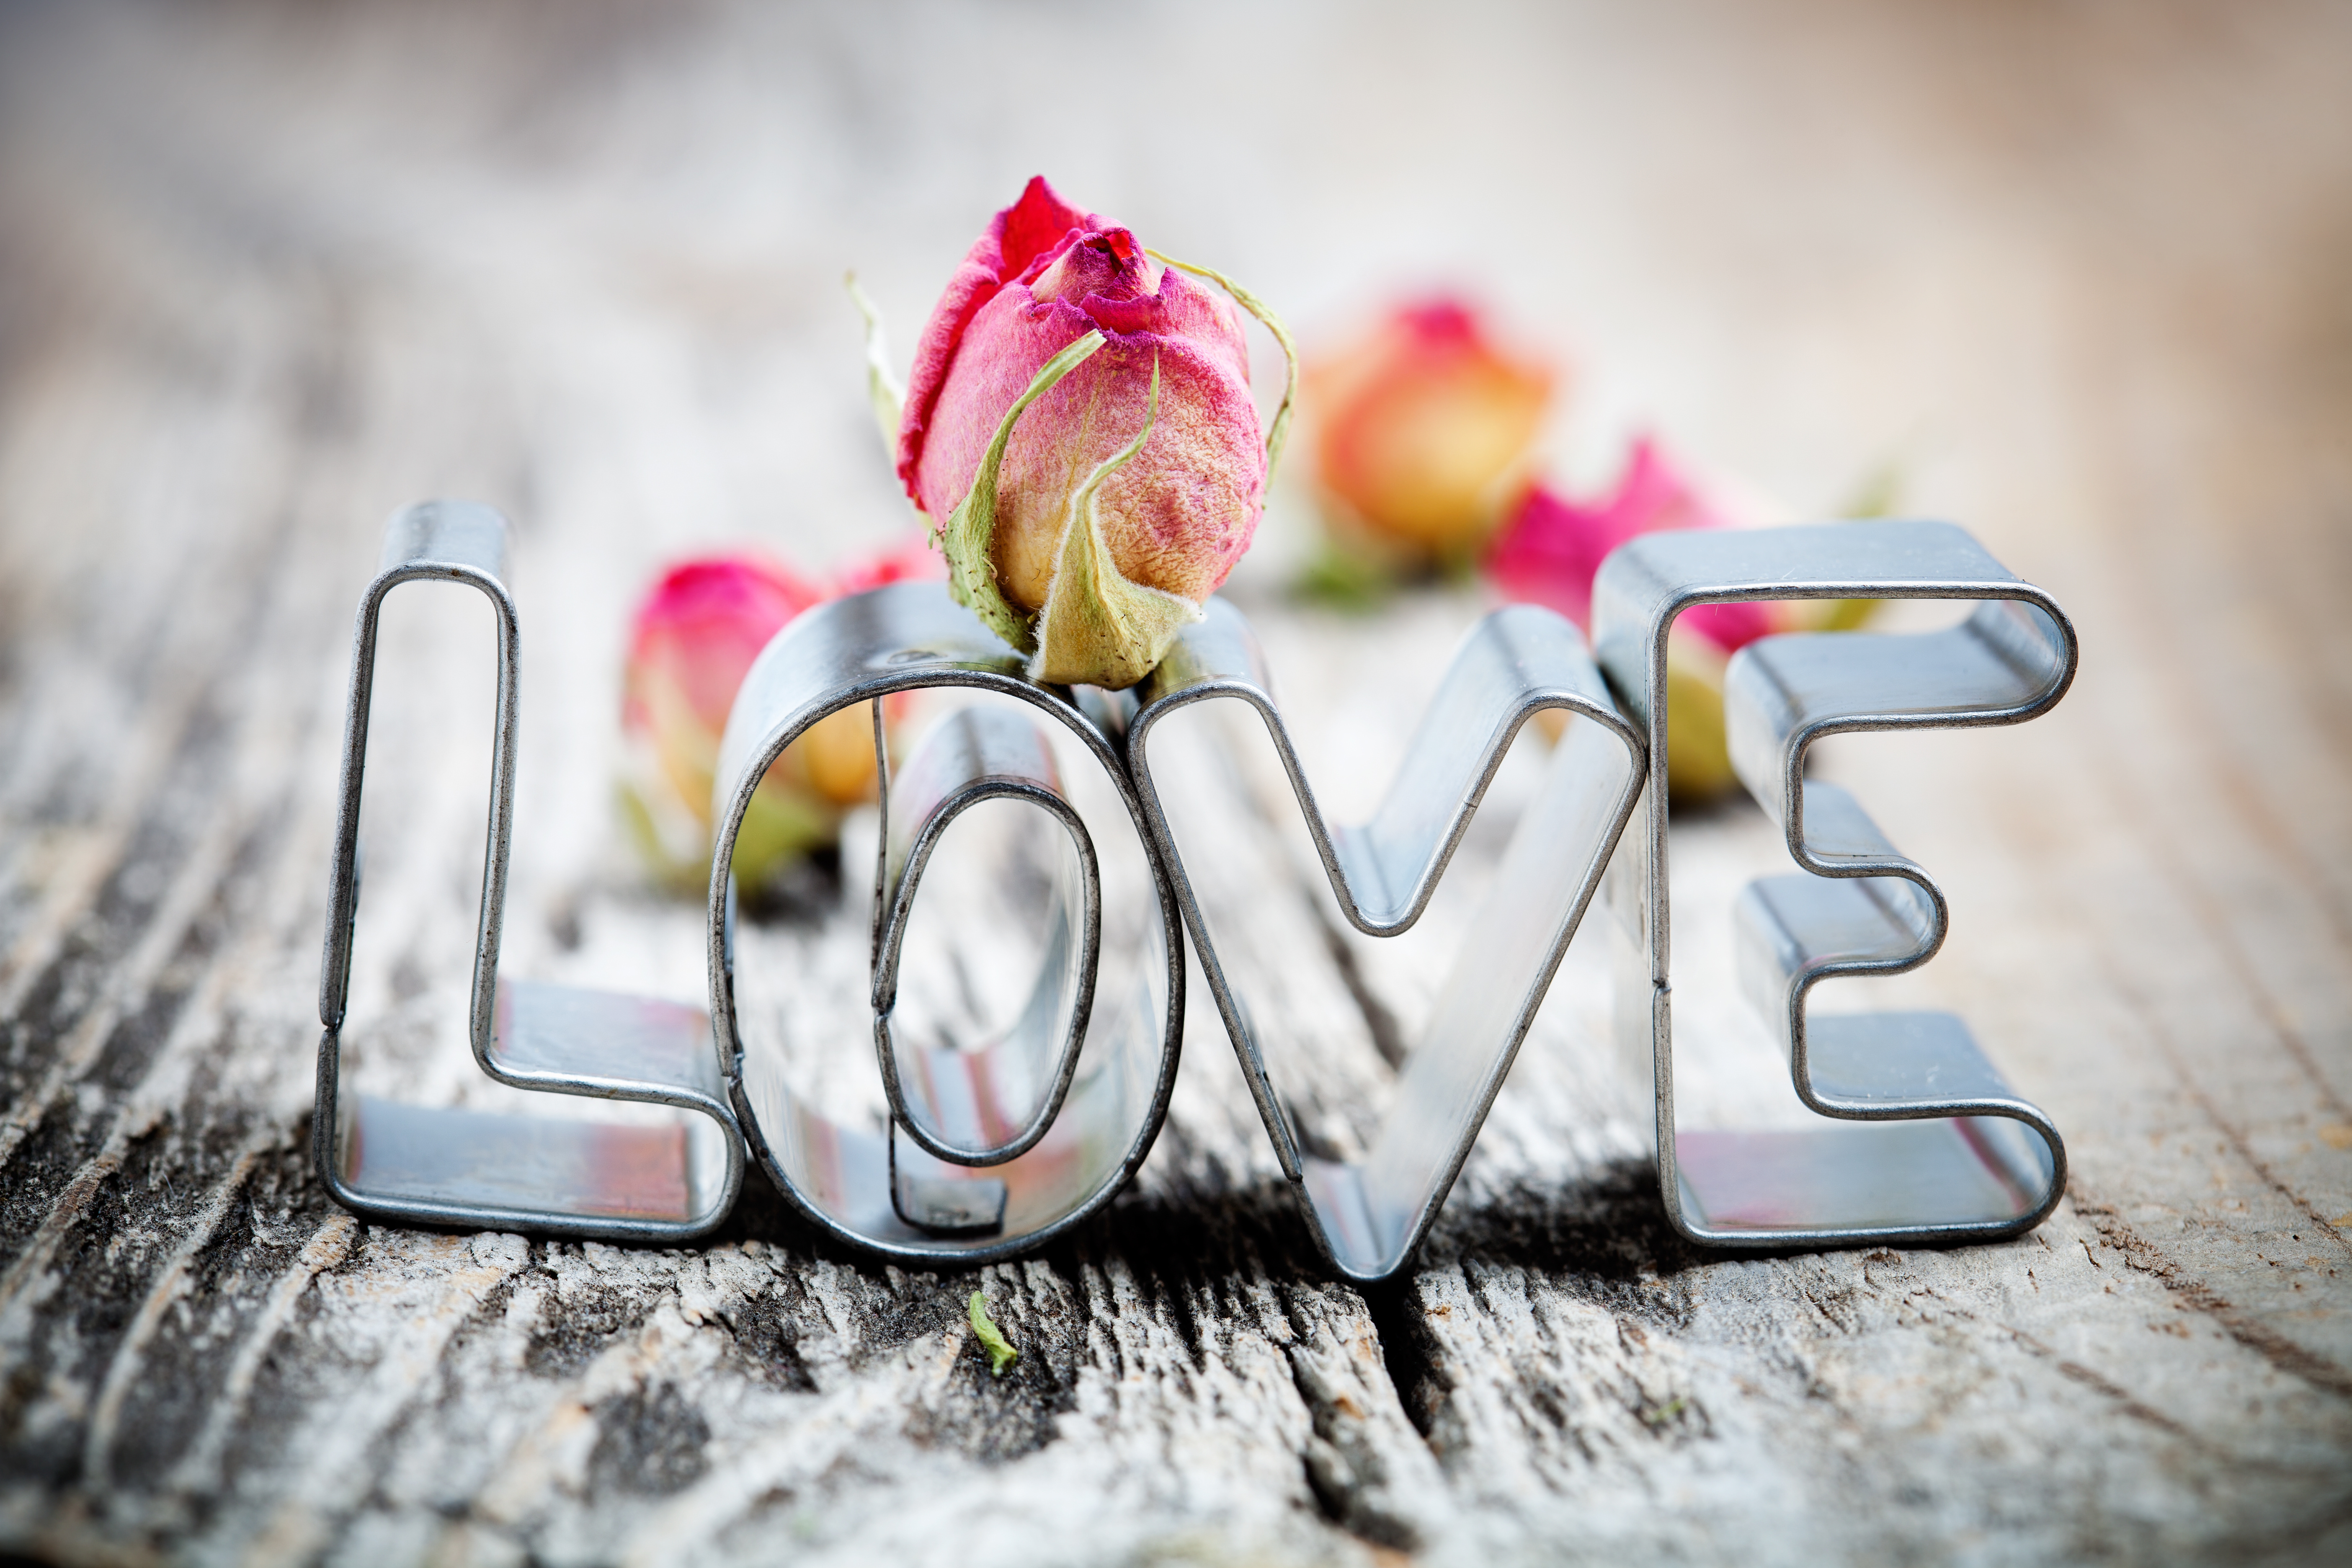 Картинки с надписью какая любовь